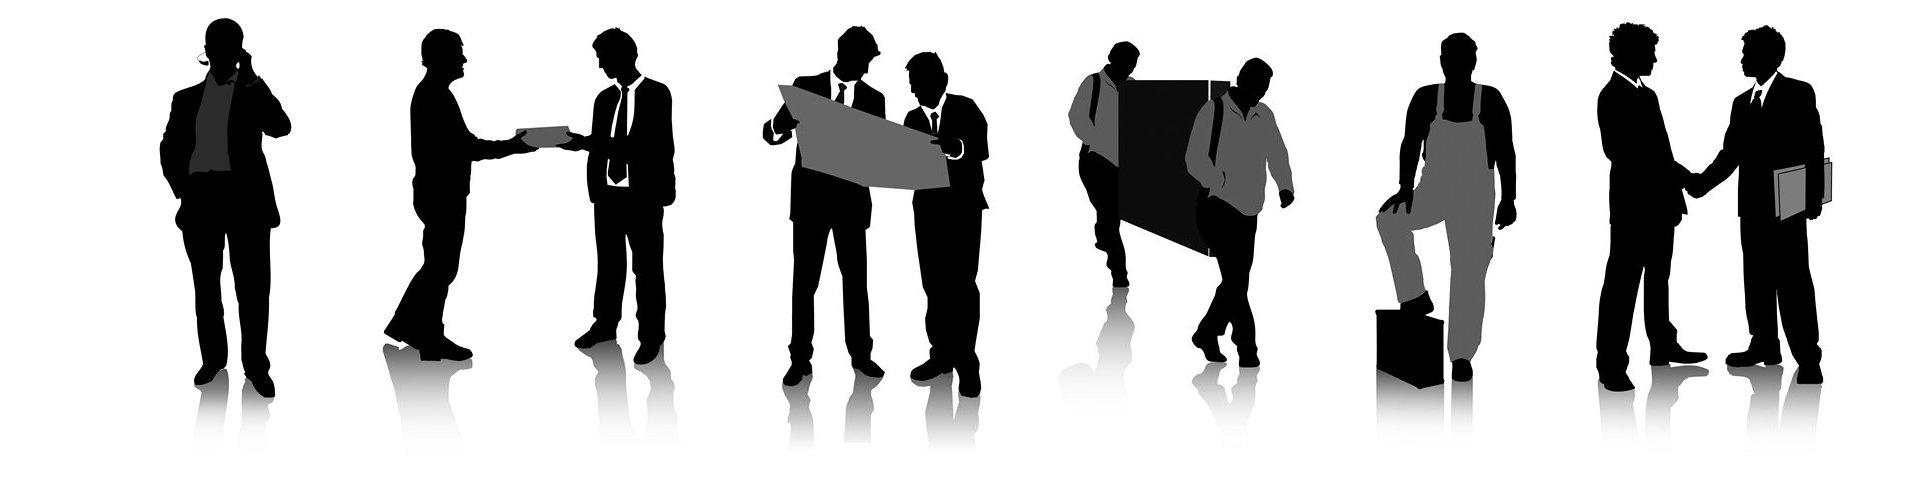 Партнёрство для архитекторов и дизайнеров